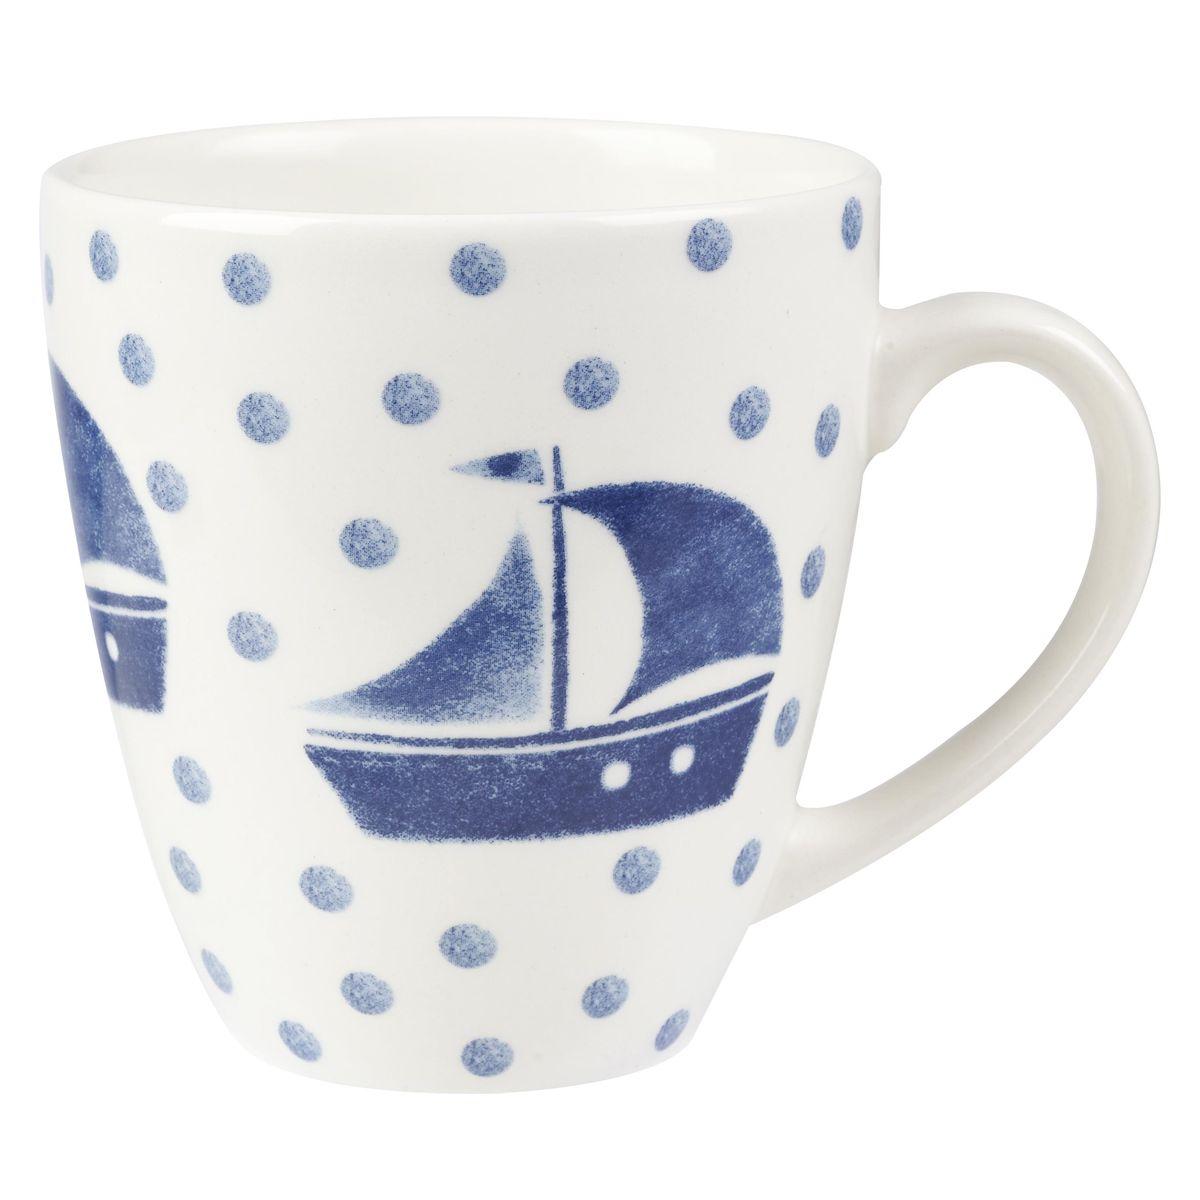 Кружка Churchill Яхта, 500 мл. COUT00181COUT00181Коллекция Сиена отражает Скандинавский стиль. Этот стиль отличается своей простотой и минимализмом, синий орнамент на белоснежном фоне. Материал: фаянс Можно мыть в посудомоечной машине Можно использовать в микроволновой печи